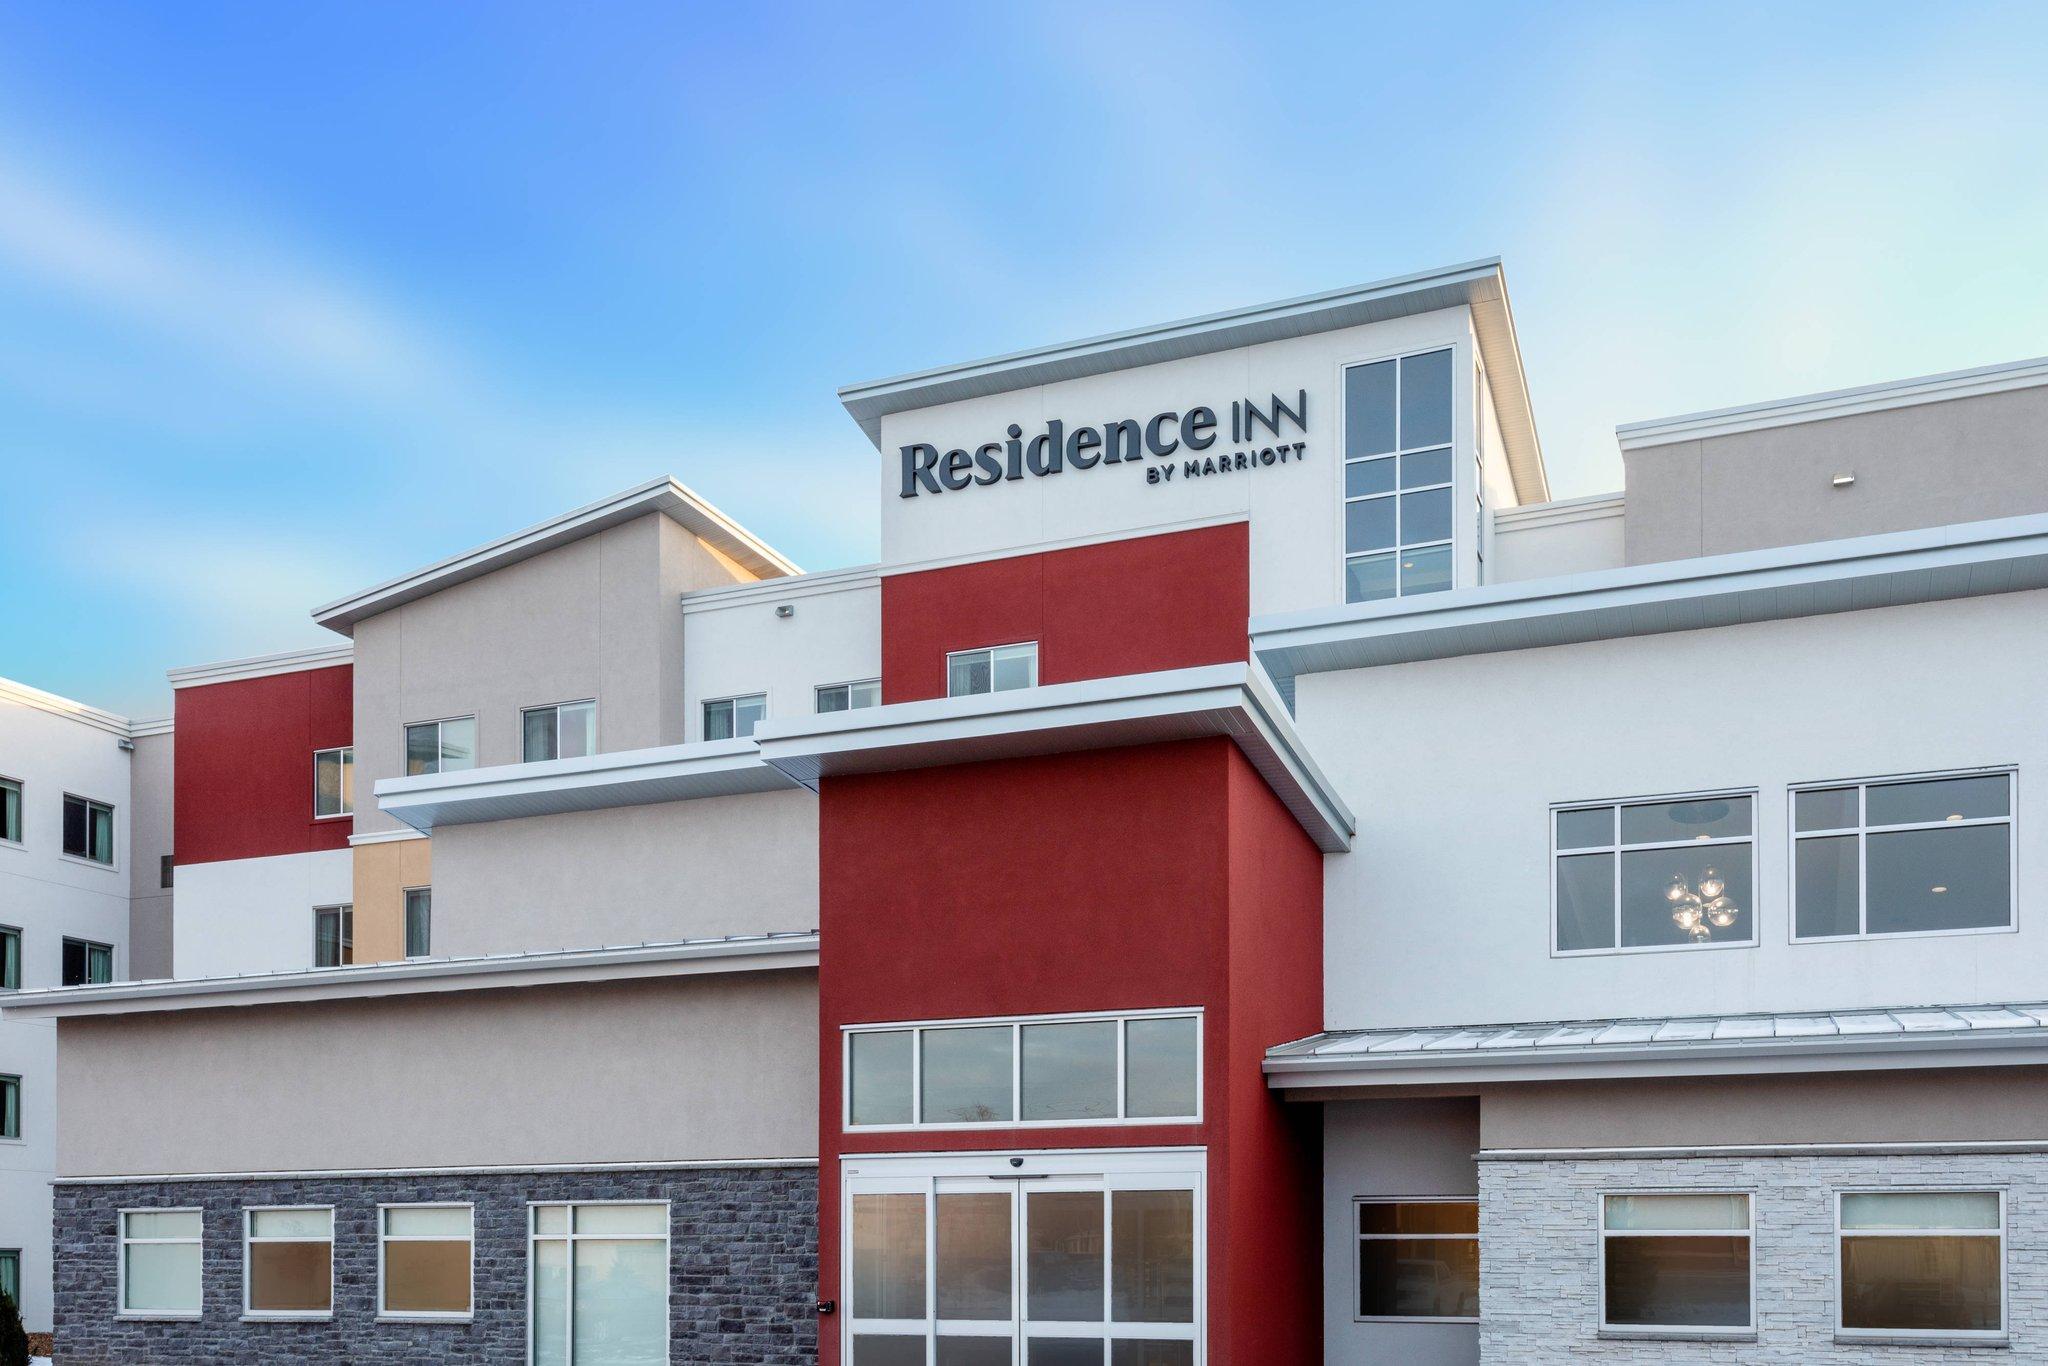 Residence Inn St. Cloud